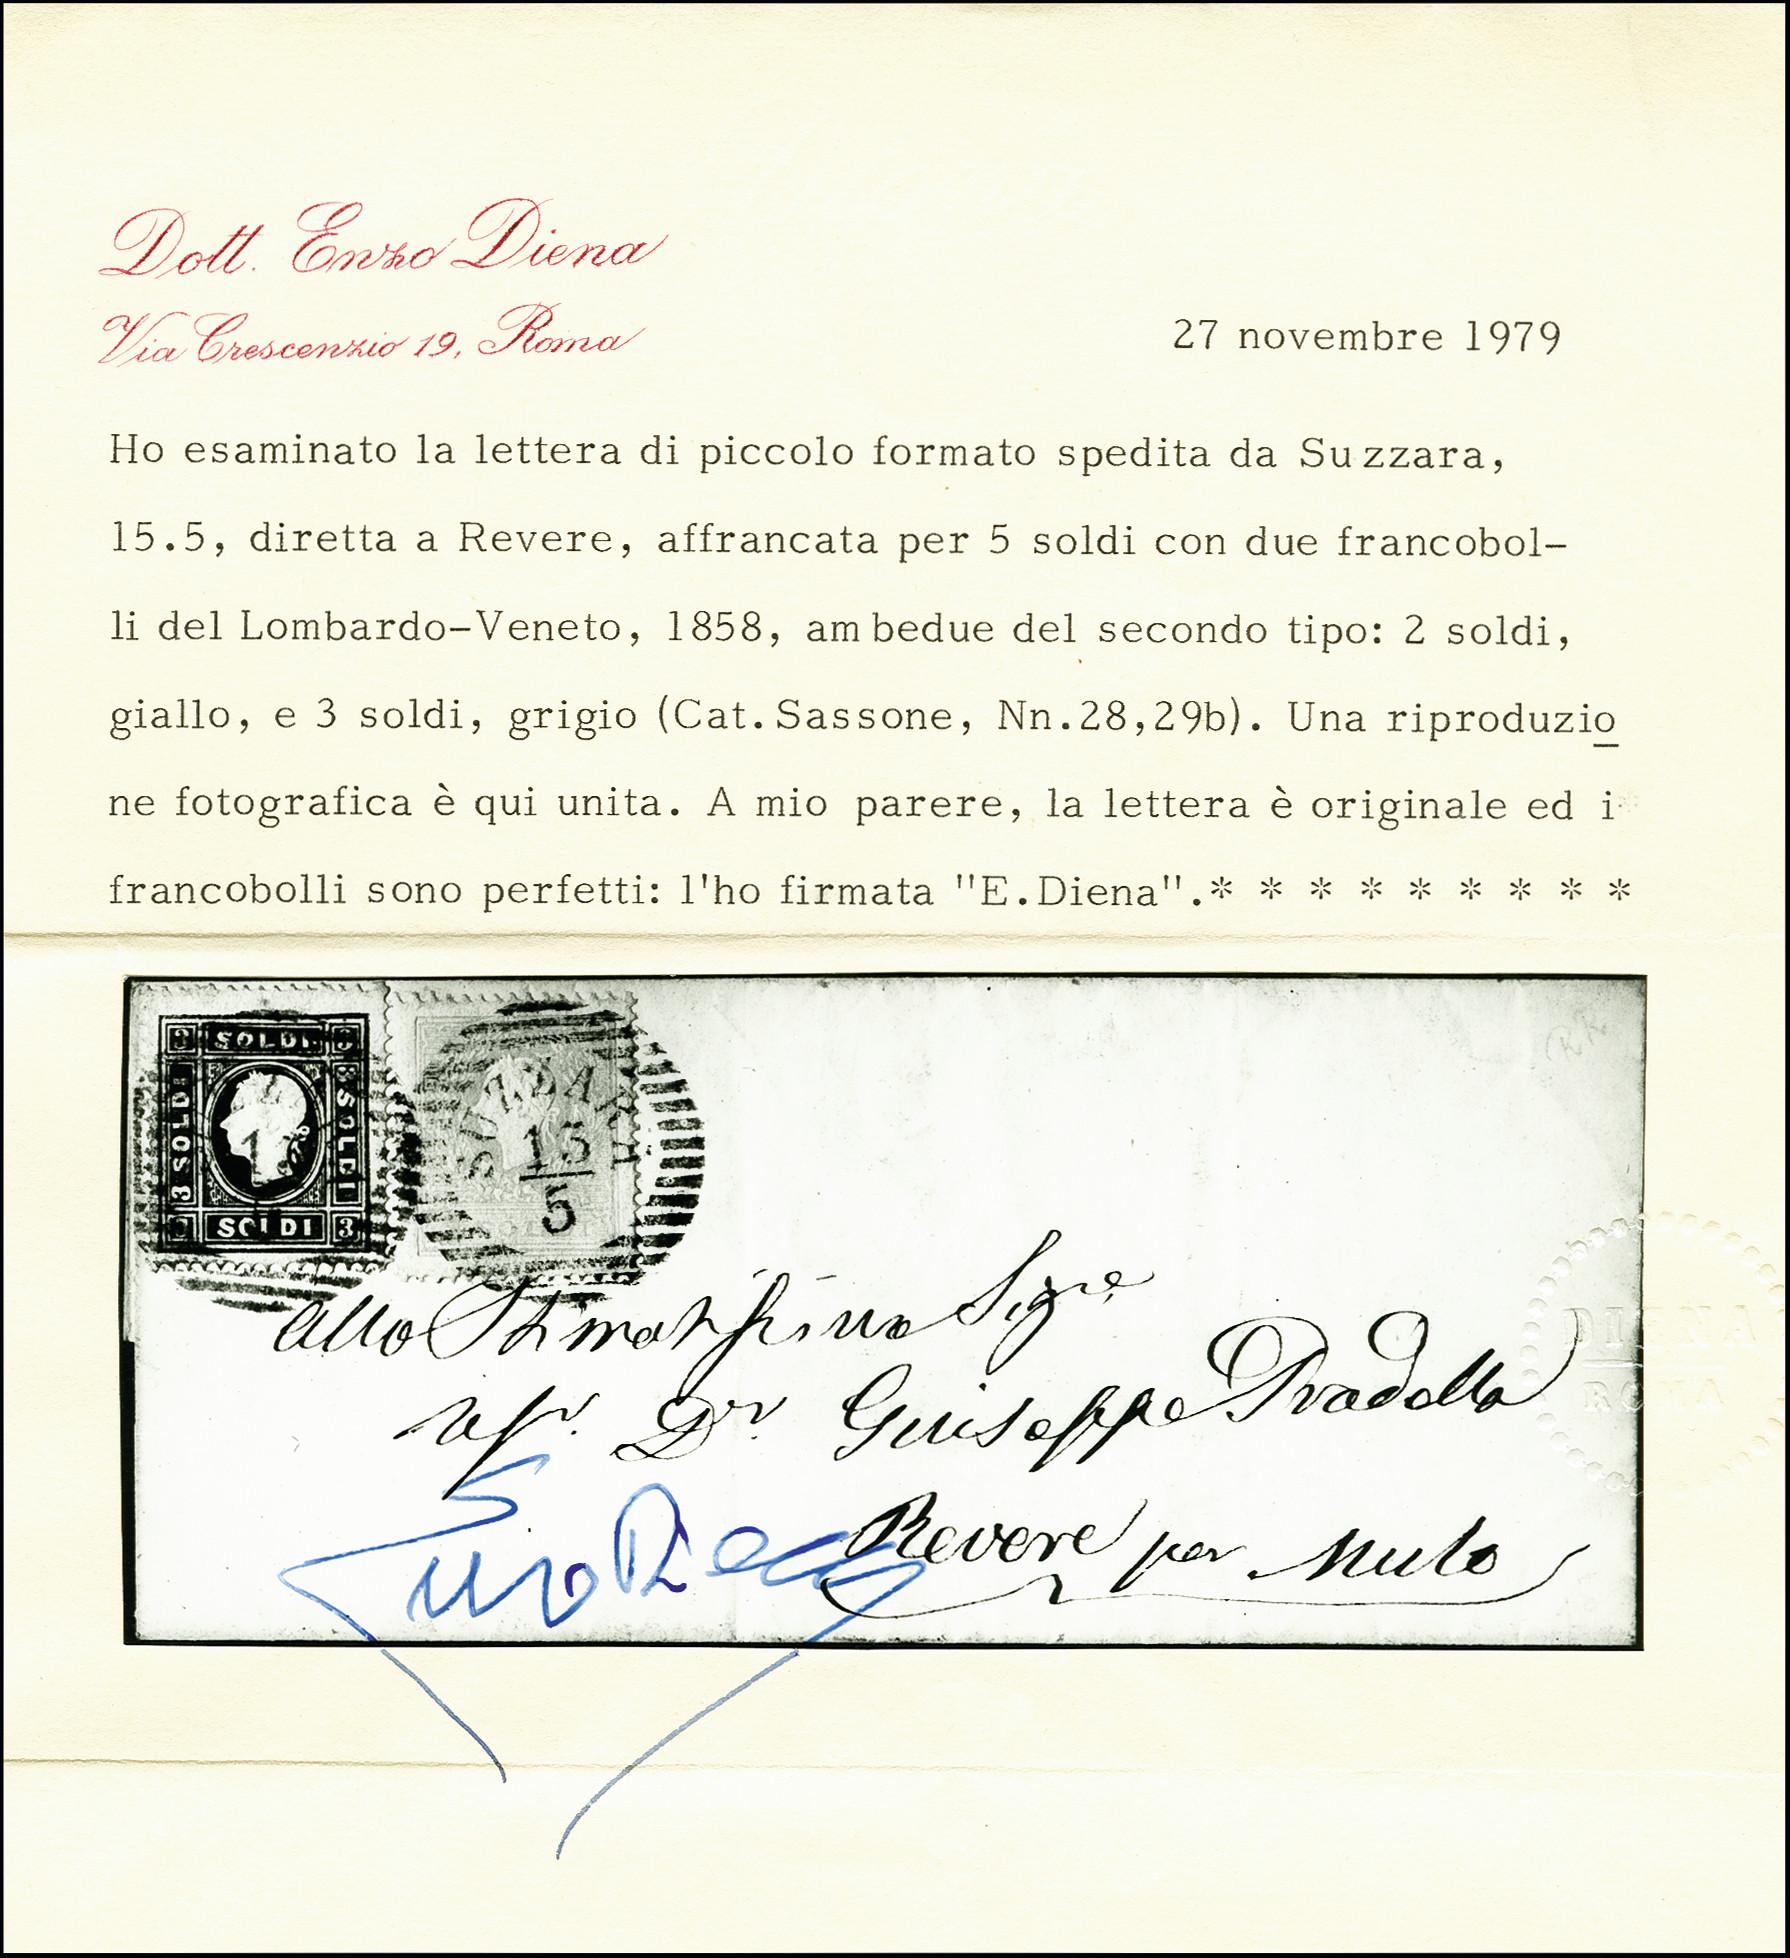 Lot 1104 - österreich lombardy venetia -  Heinrich Koehler Auktionen 375rd Heinrich Köhler auction - Day 1